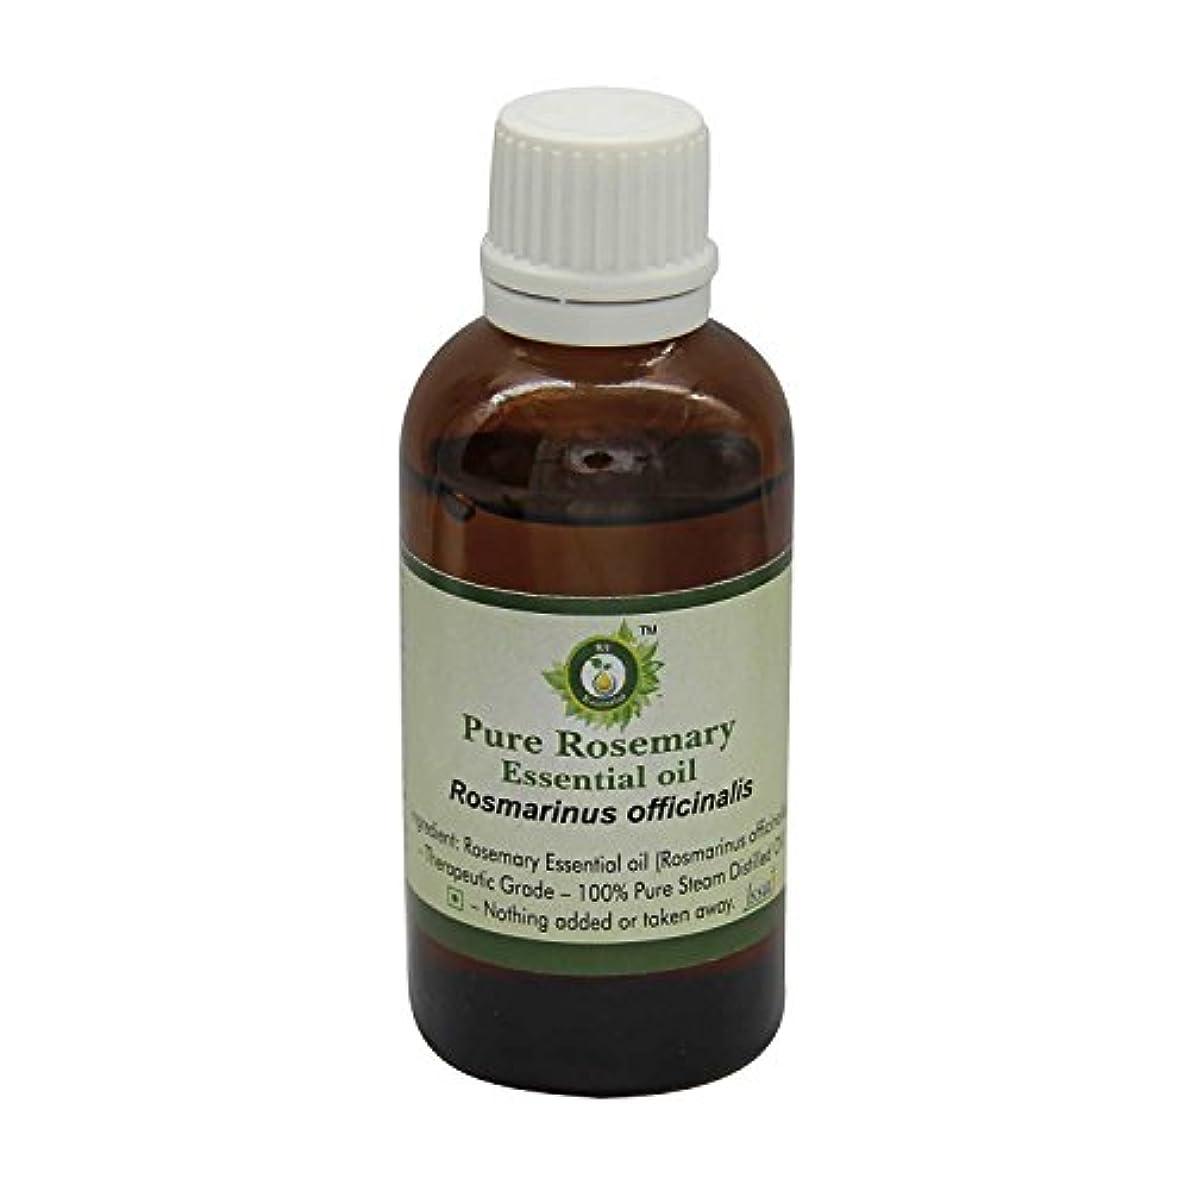 シェトランド諸島揃える刈るR V Essential ピュアローズマリーエッセンシャルオイル30ml (1.01oz)- Rosmarinus Officinalis (100%純粋&天然スチームDistilled) Pure Rosemary...